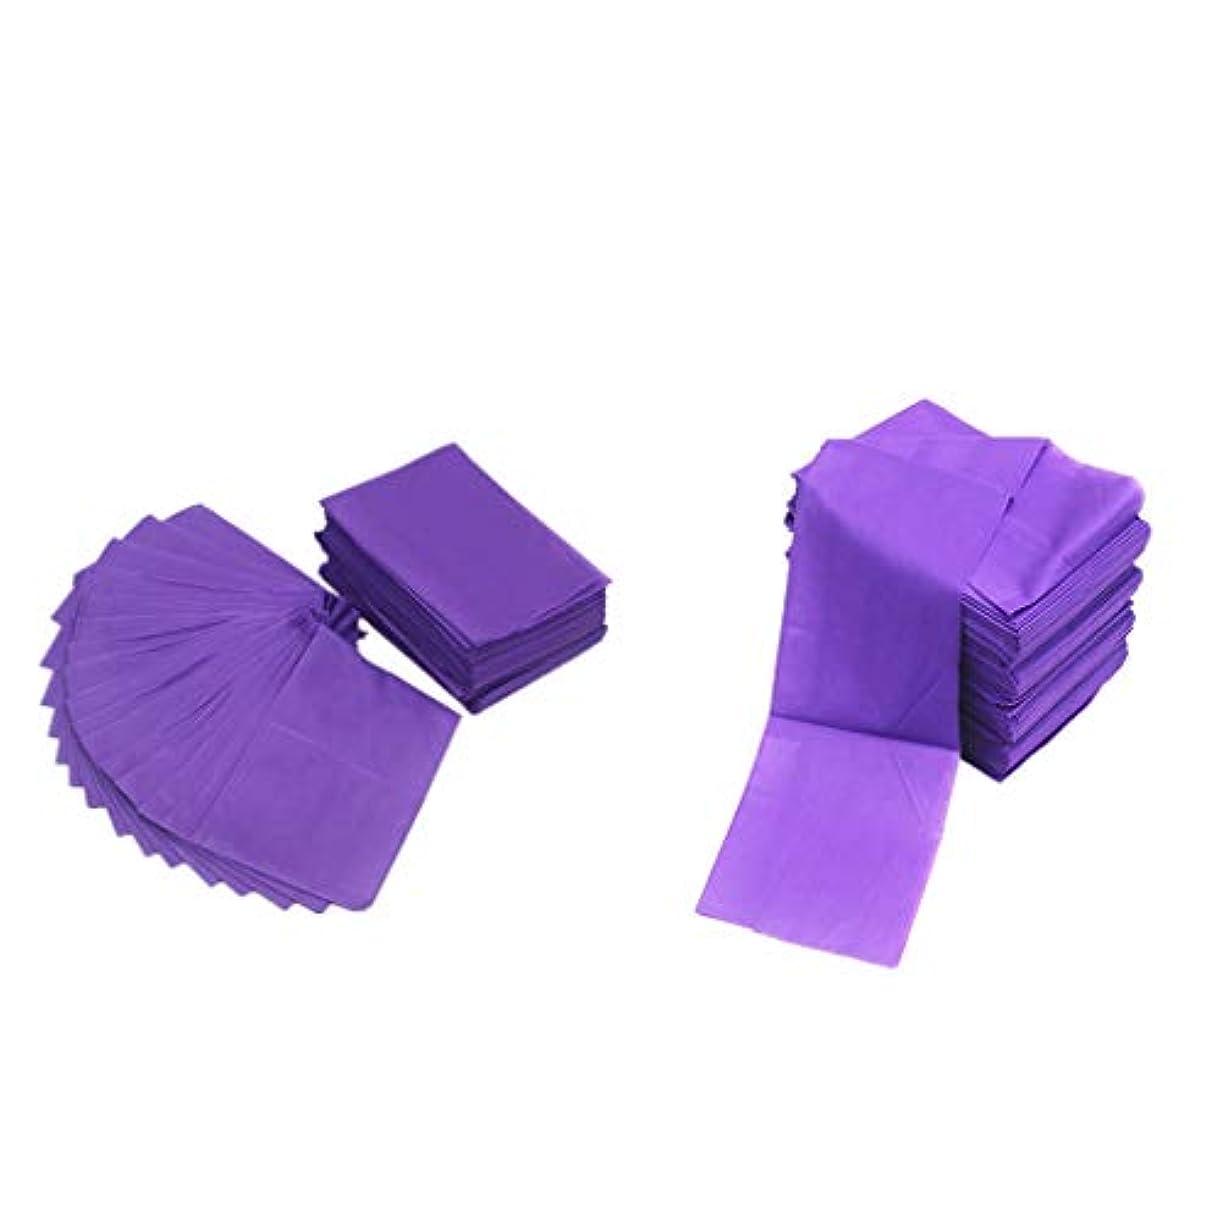 ゴミ箱を空にする関与するタッチベッドカバー マッサージ ベットシート ベットシーツ フィット感 防水性 耐久性 20ピースセット